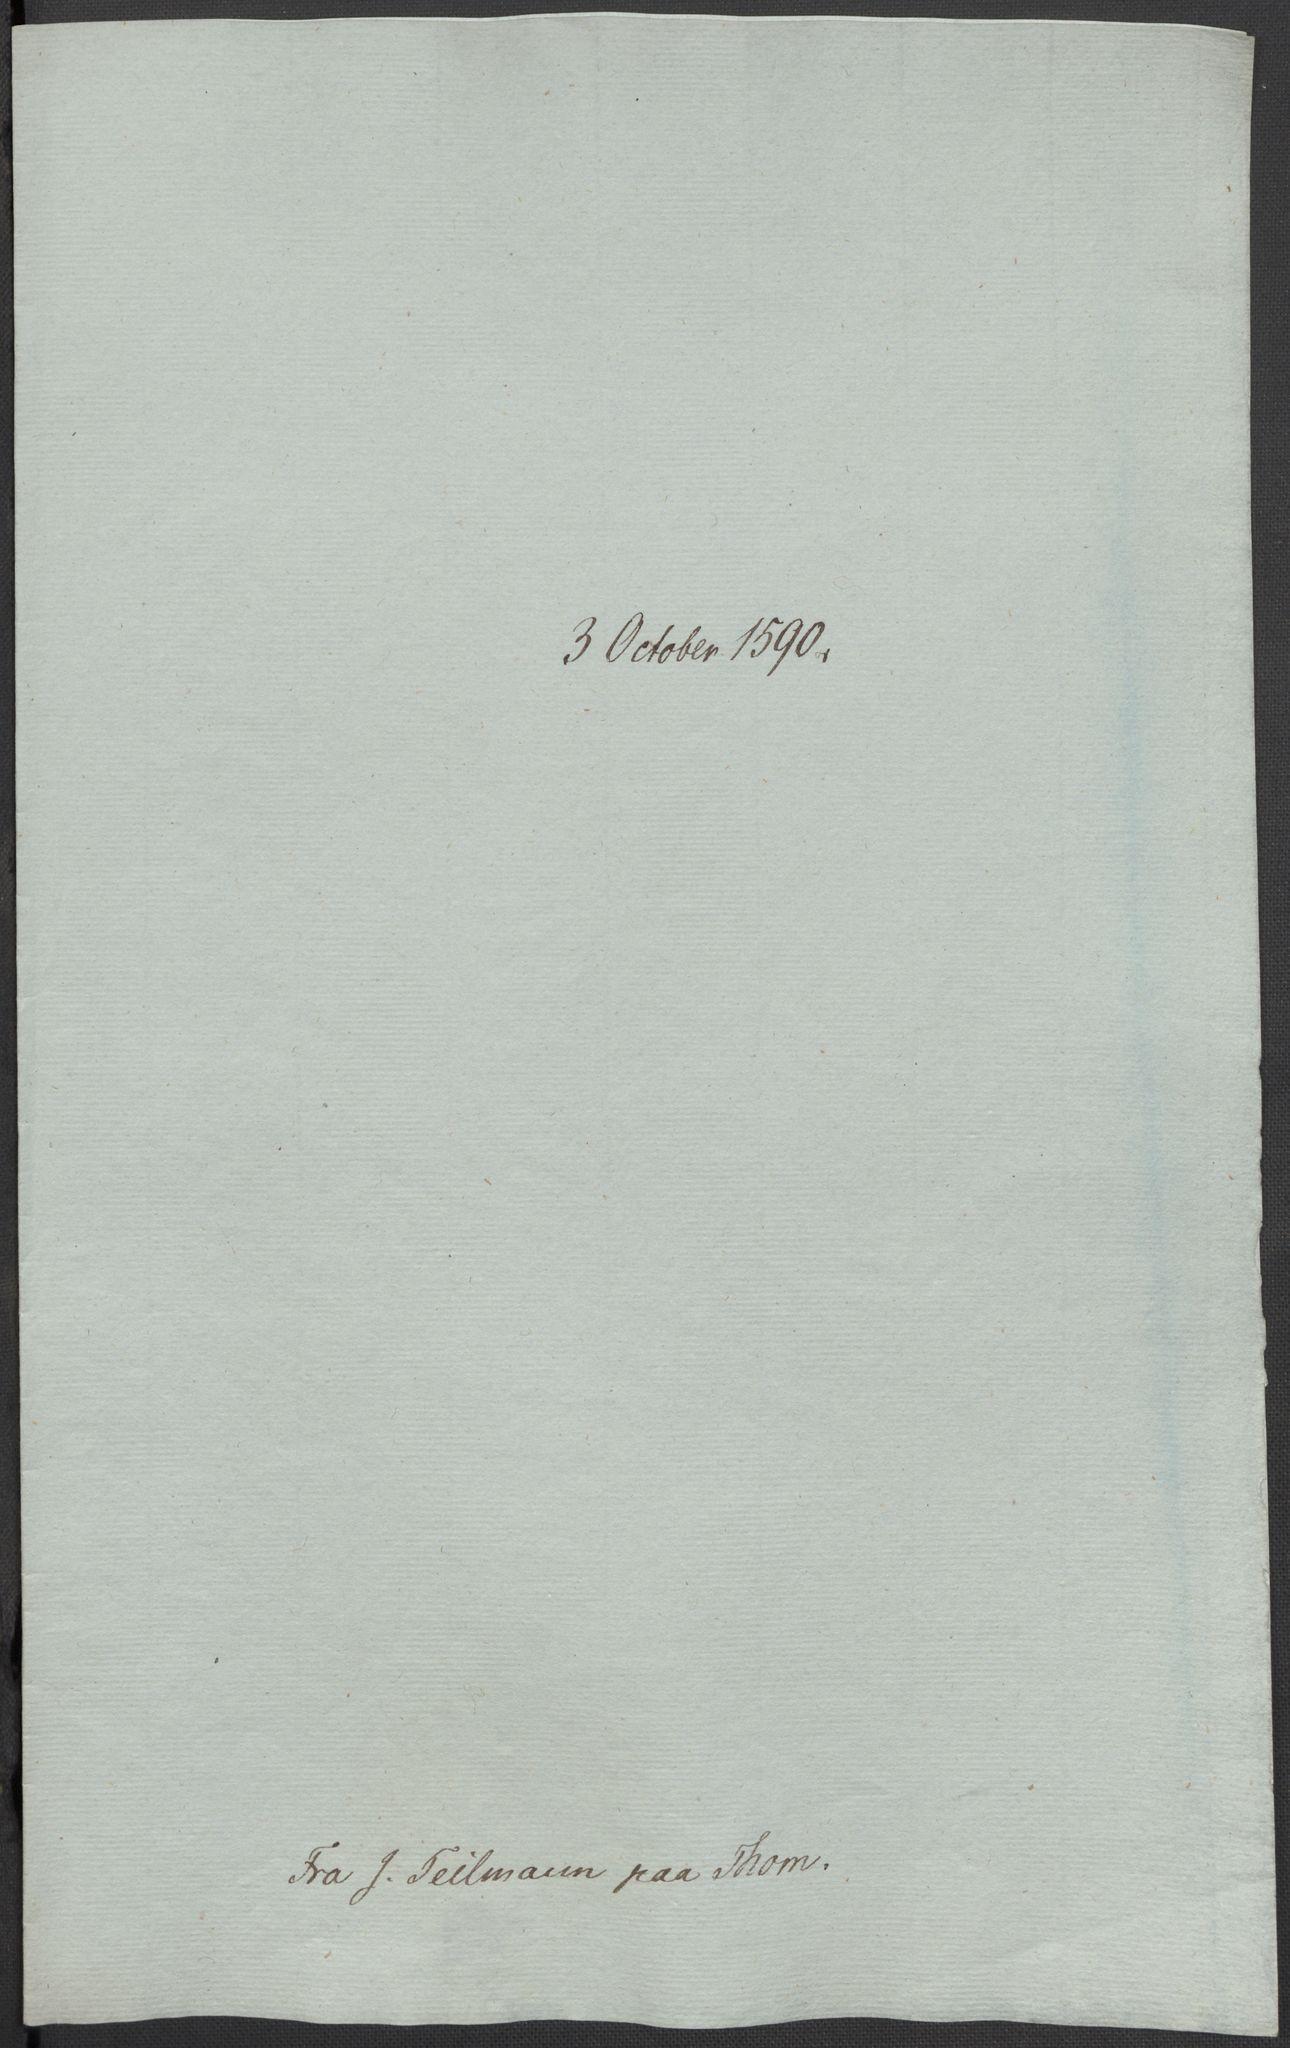 RA, Riksarkivets diplomsamling, F02/L0092: Dokumenter, 1590, s. 34